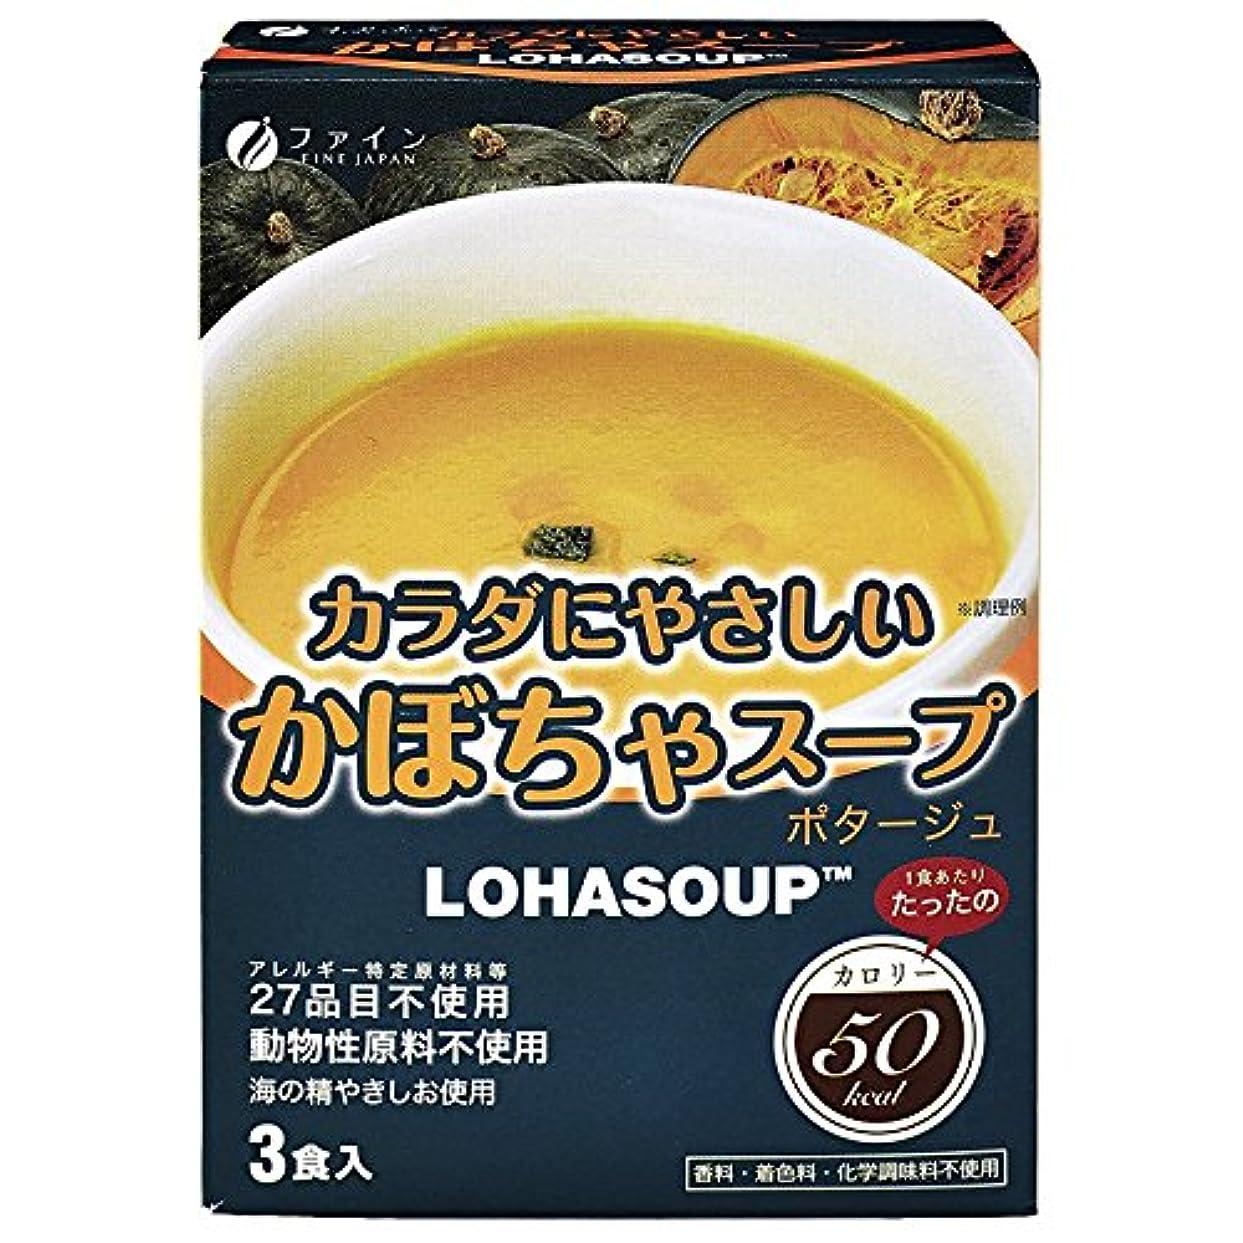 コイン絶対の宇宙飛行士ファイン カラダにやさしいかぼちゃスープ 14g×3包